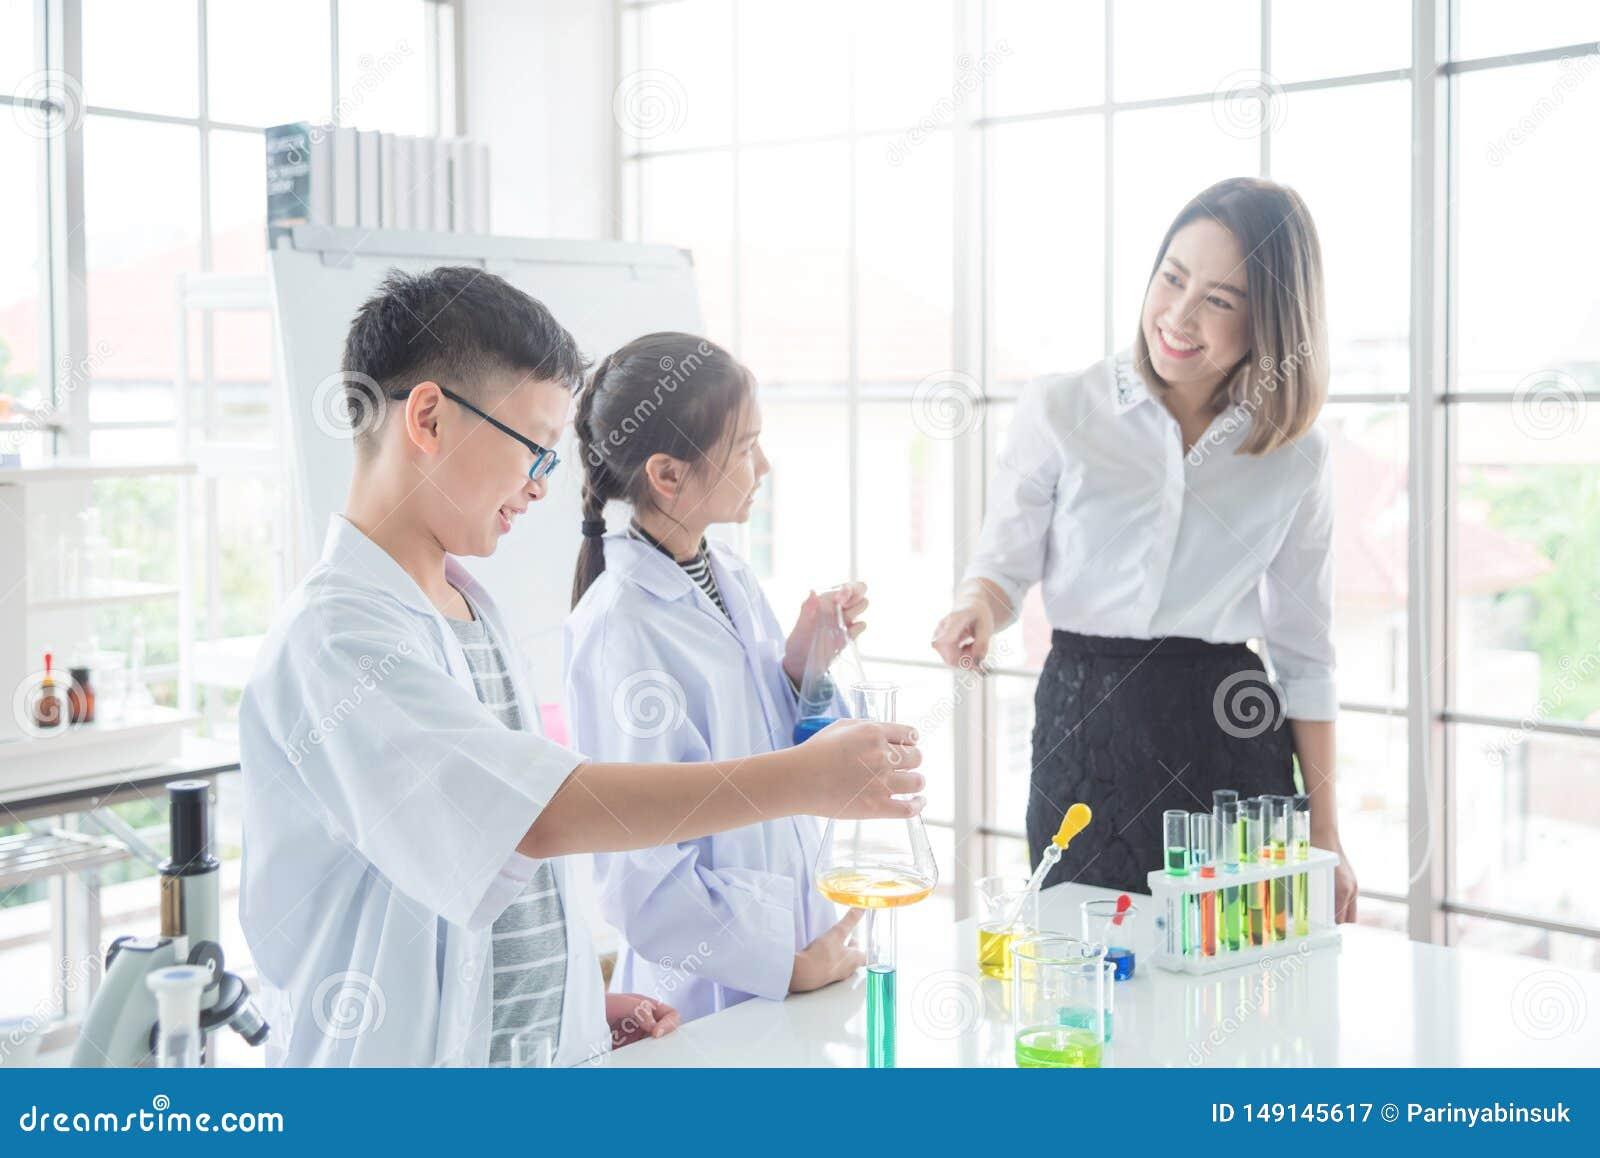 Asiatischer Teen Von Ihrem Lehrer Genommen